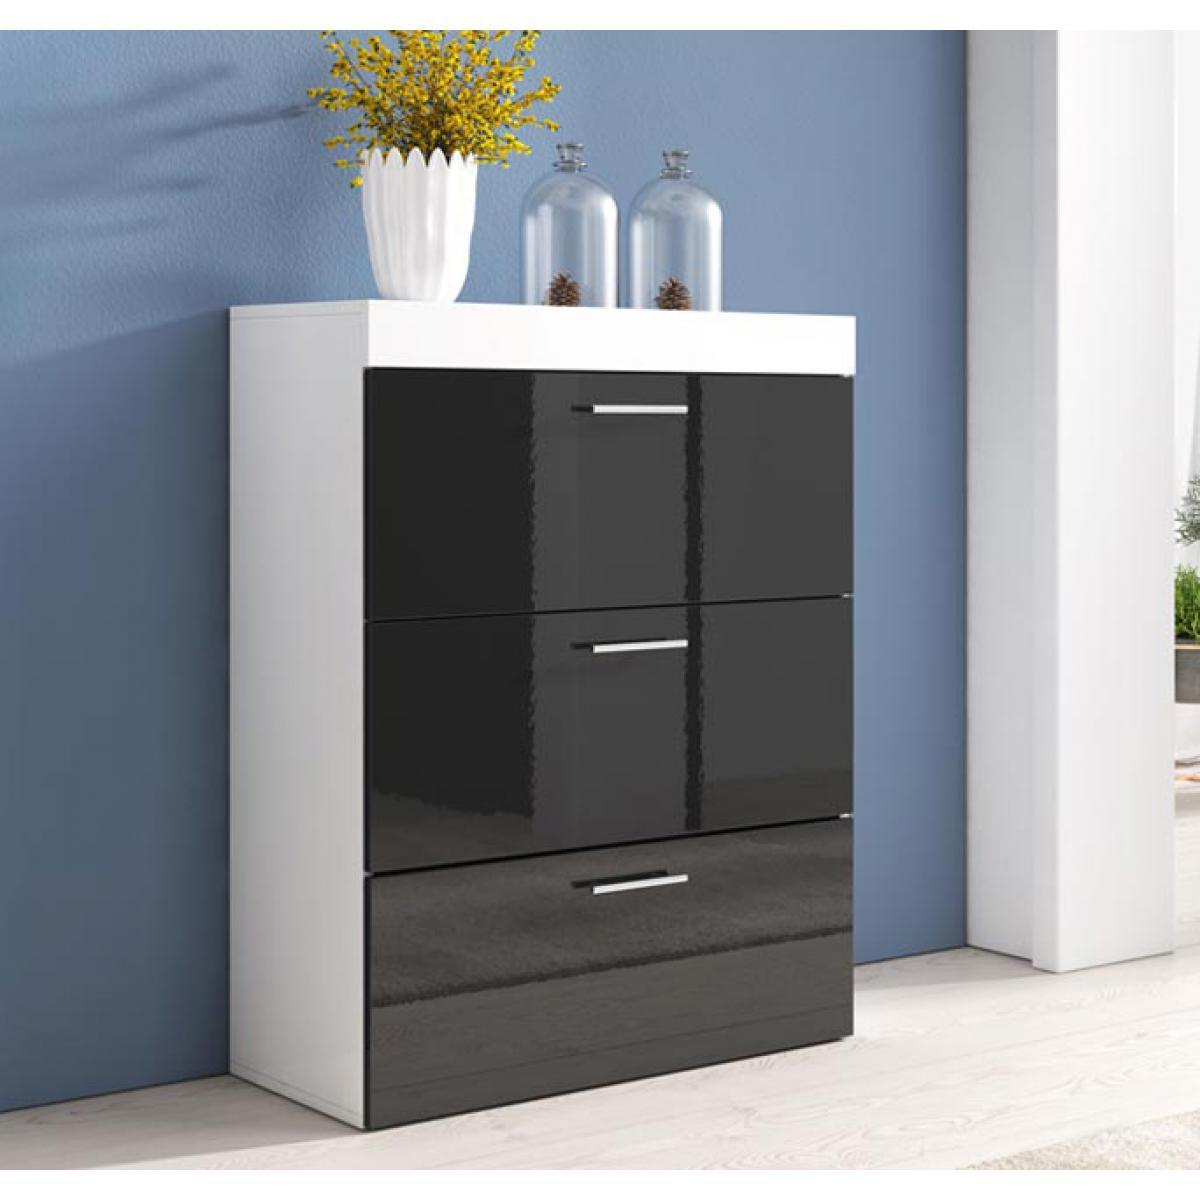 Design Ameublement Commode Dalia en couleur blanc et noir